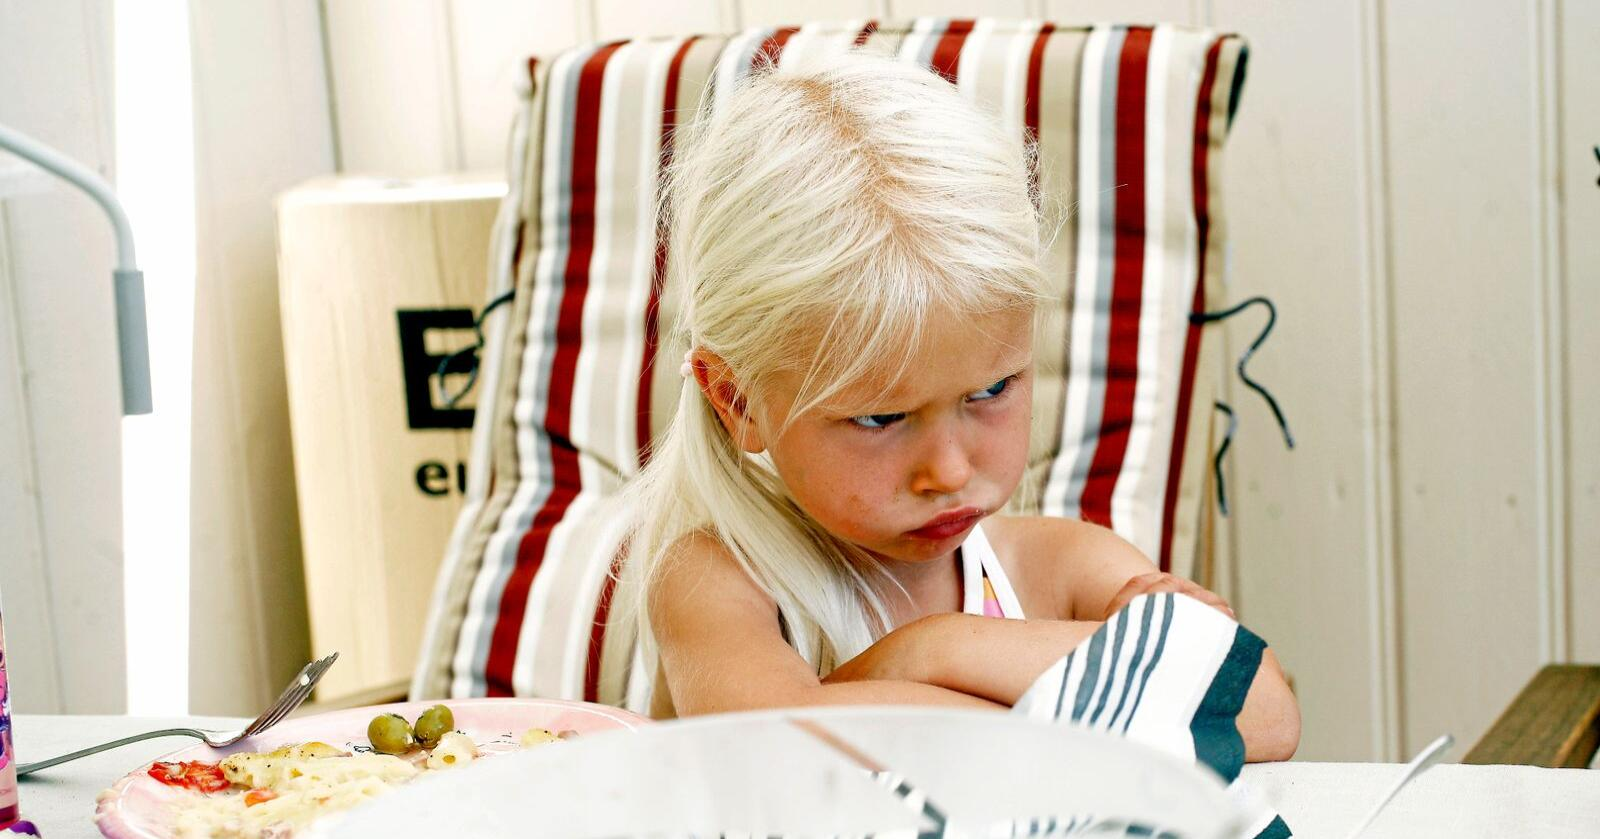 Spiser for lite fisk: Barn spiser mer godteri enn fisk. Foto: Sara Johannessen / NTB scanpix